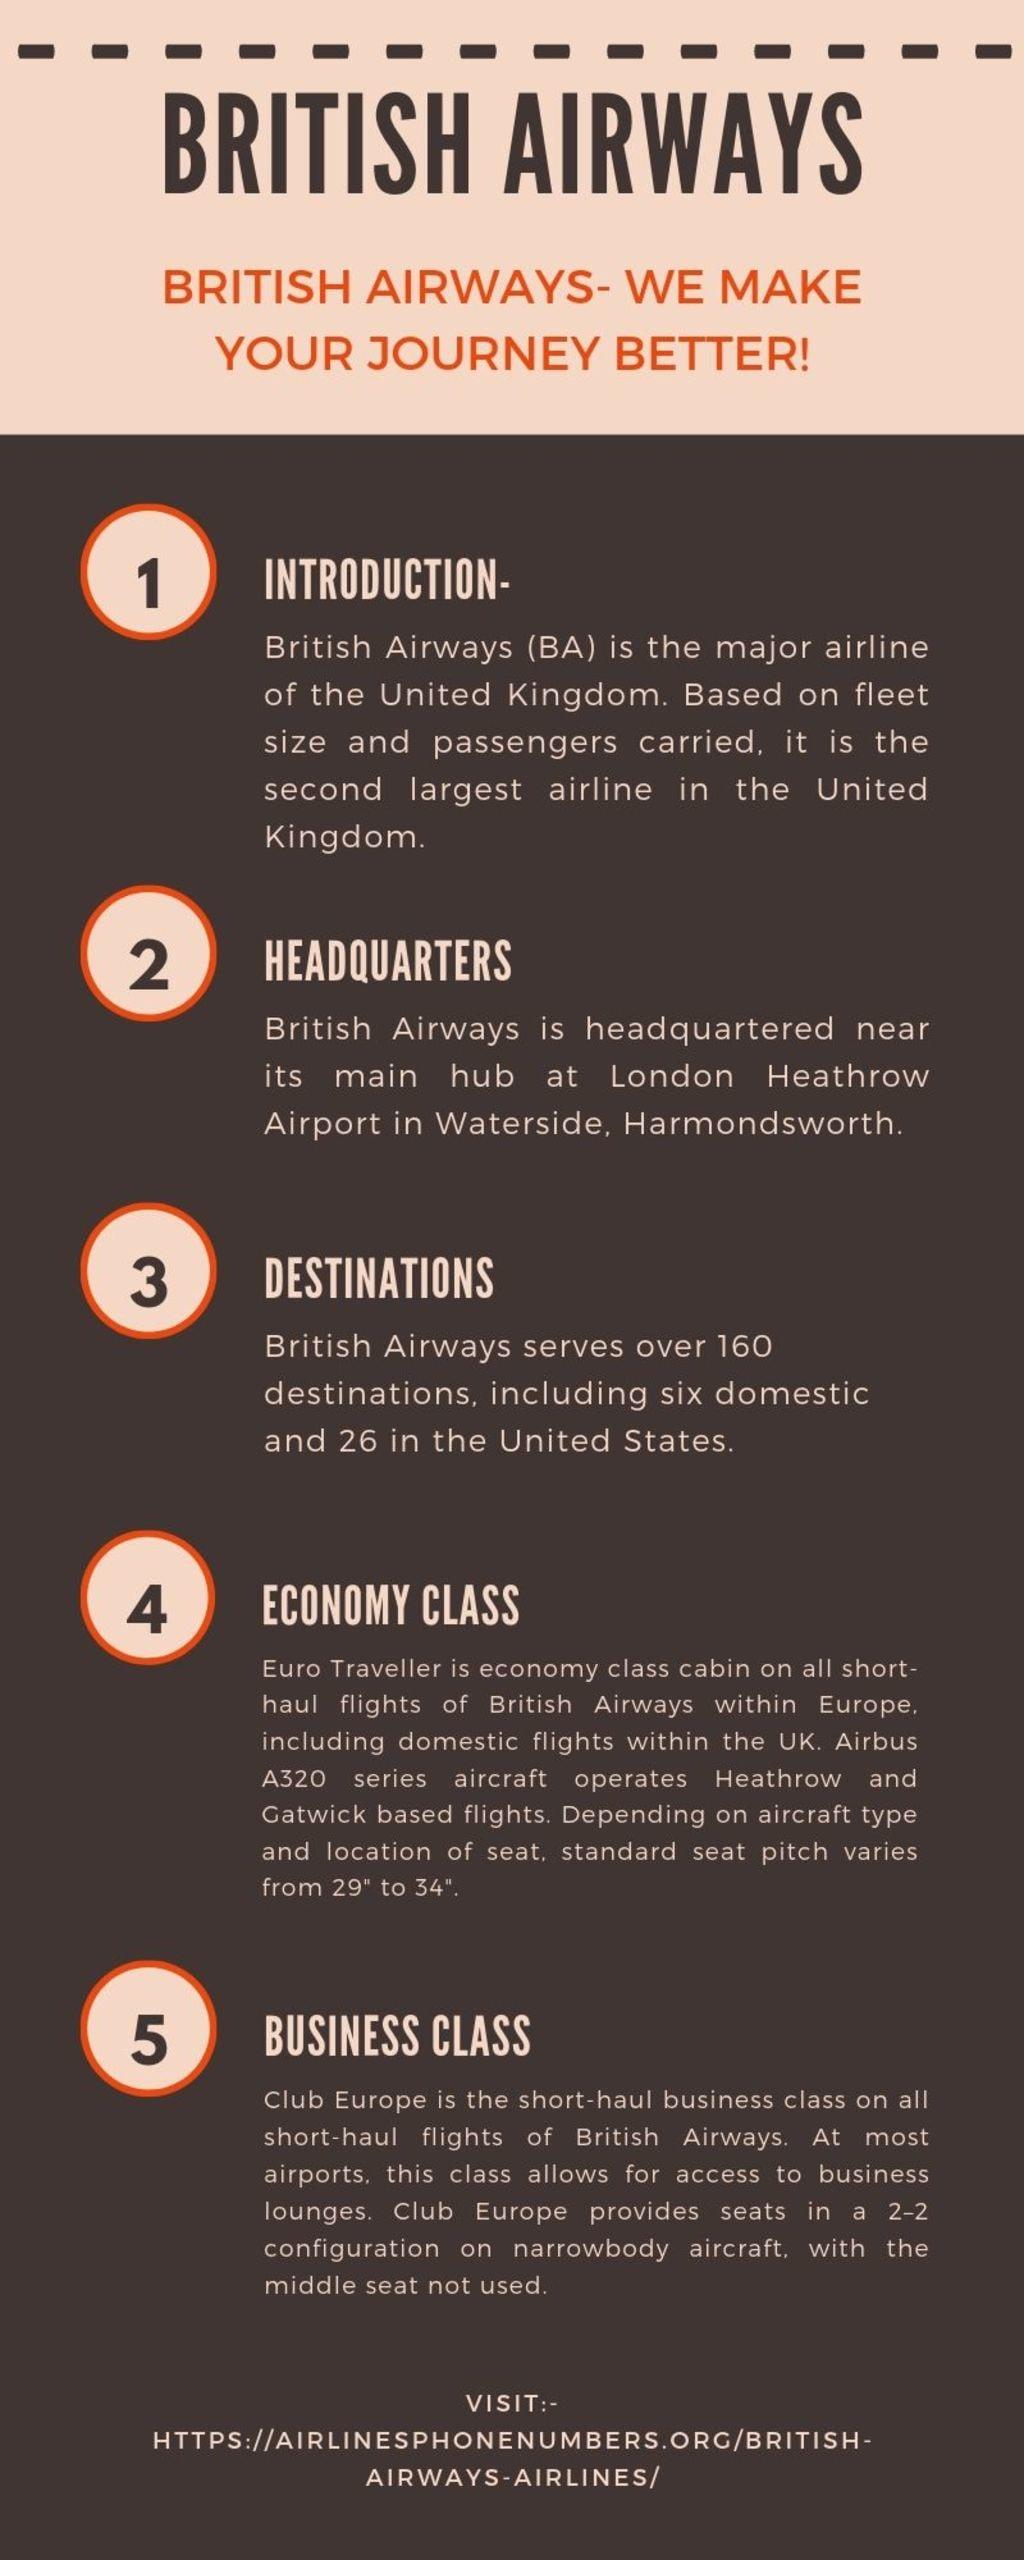 British Airways- We make your journey better! via Harry Thomas